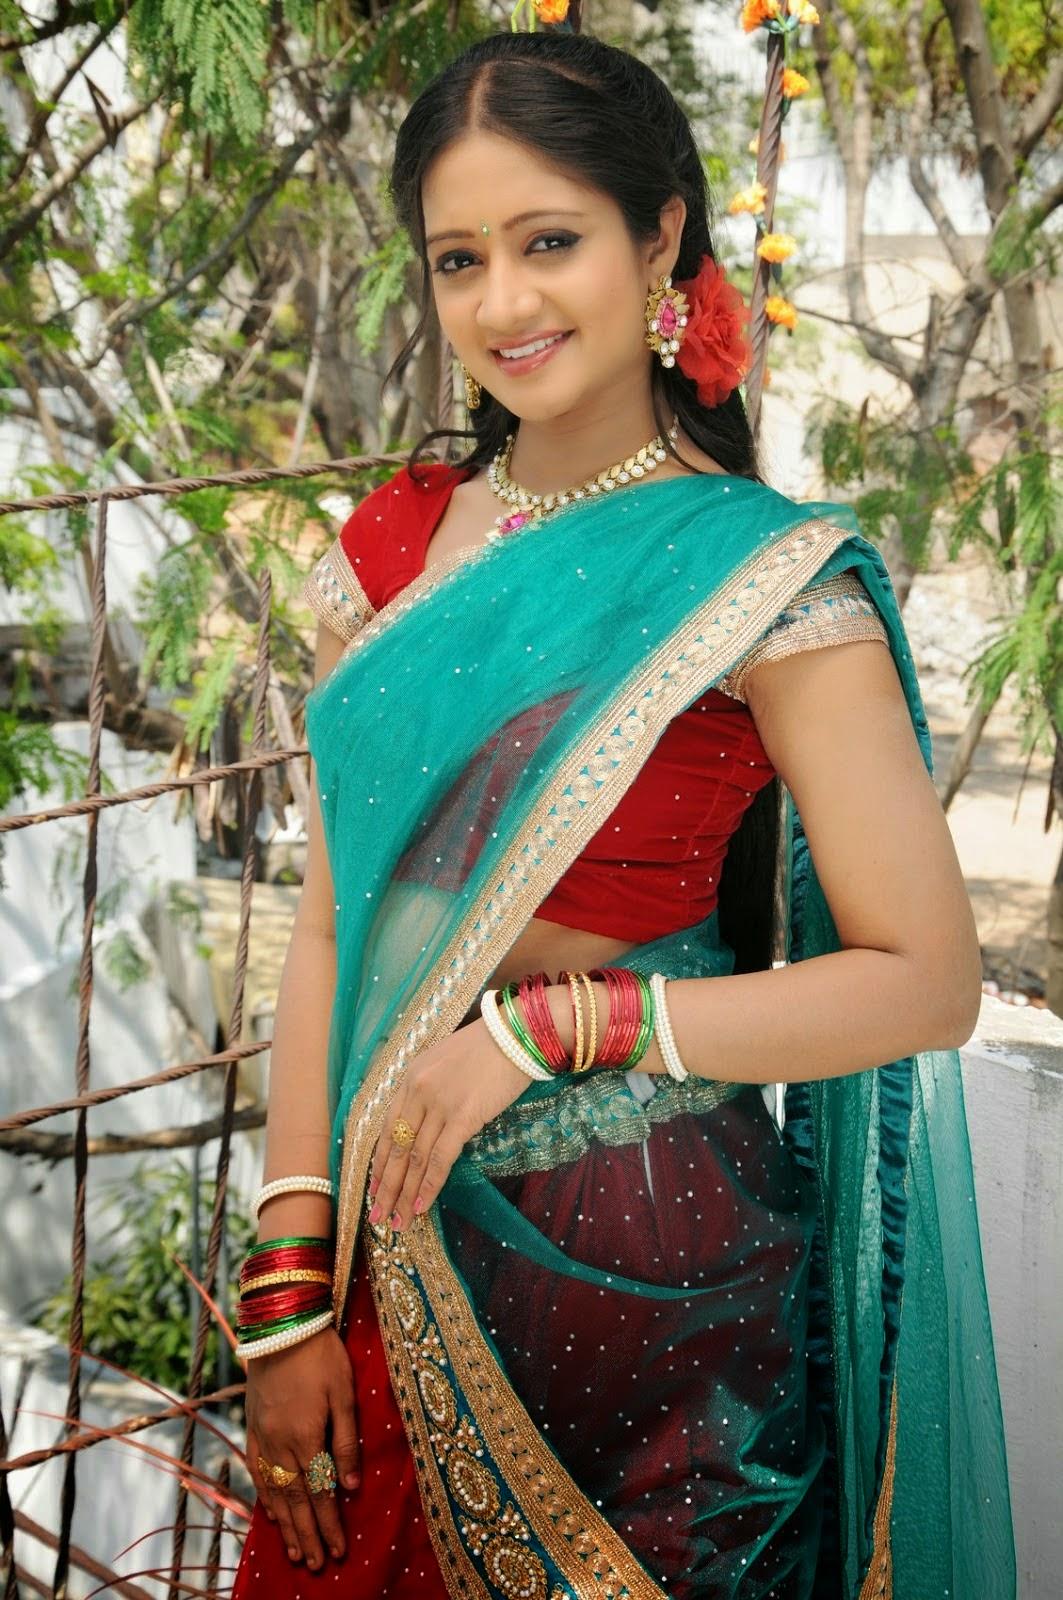 Actress Photo Quen Actress Meghana Raj Hot Navel Images In Half Saree Actress Meghana Raj Hot Navel Photos Gallery In Half Saree Meghana Raj Spicy Navel